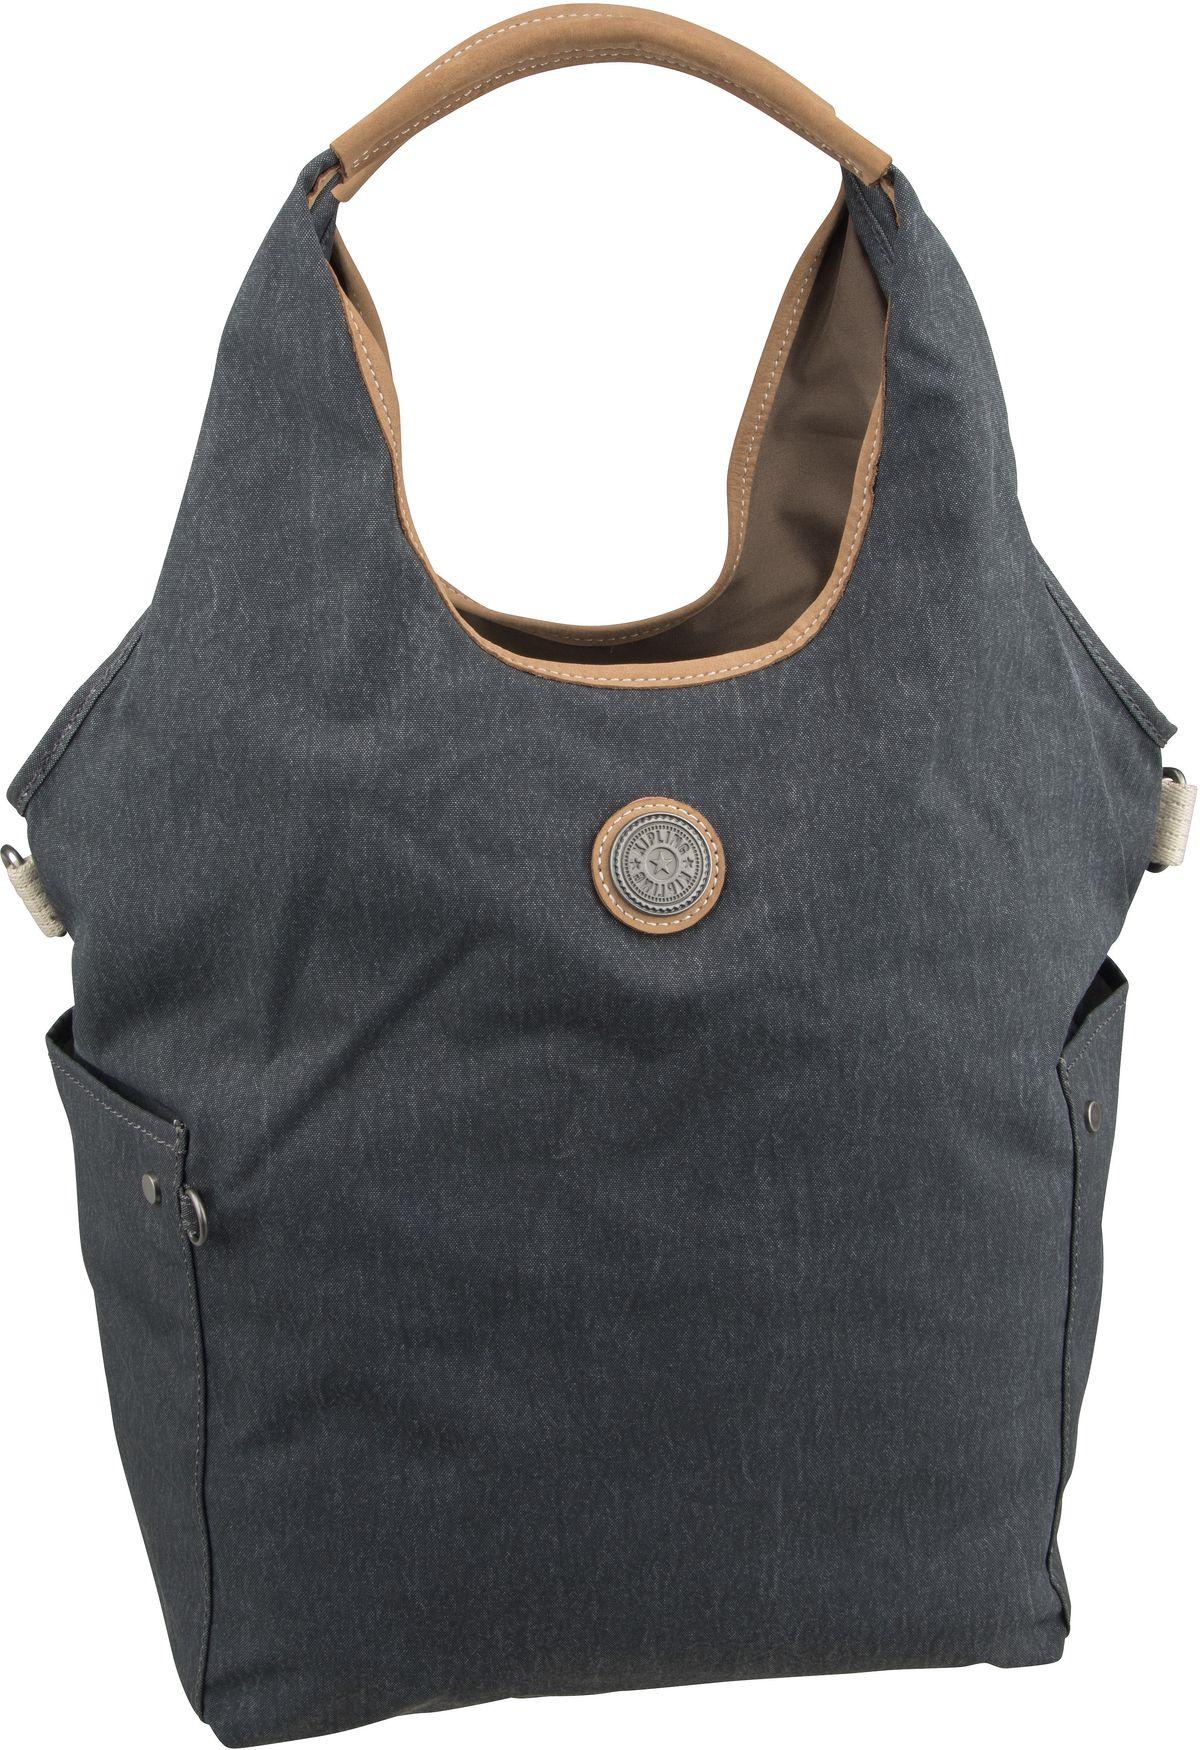 Handtasche Urbana Edgeland Casual Grey (20 Liter)